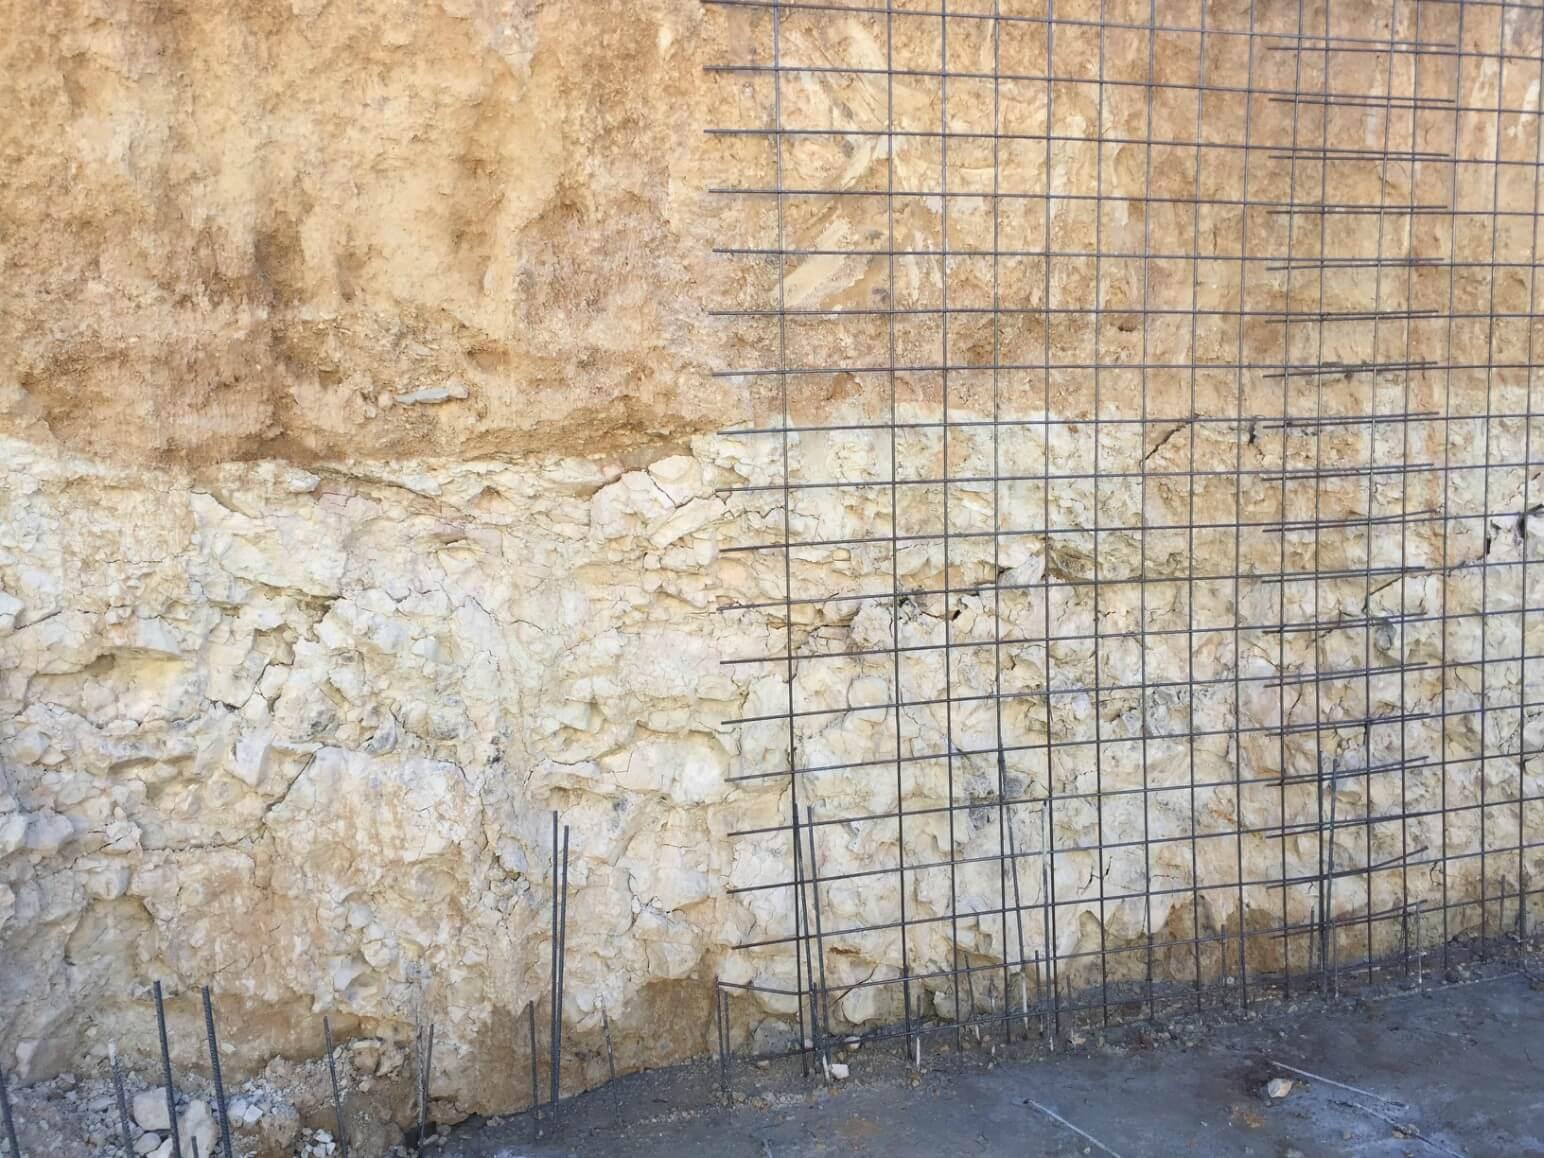 proyecto balsa para riego encofrados de aluminio construccion strong forms alicante 4